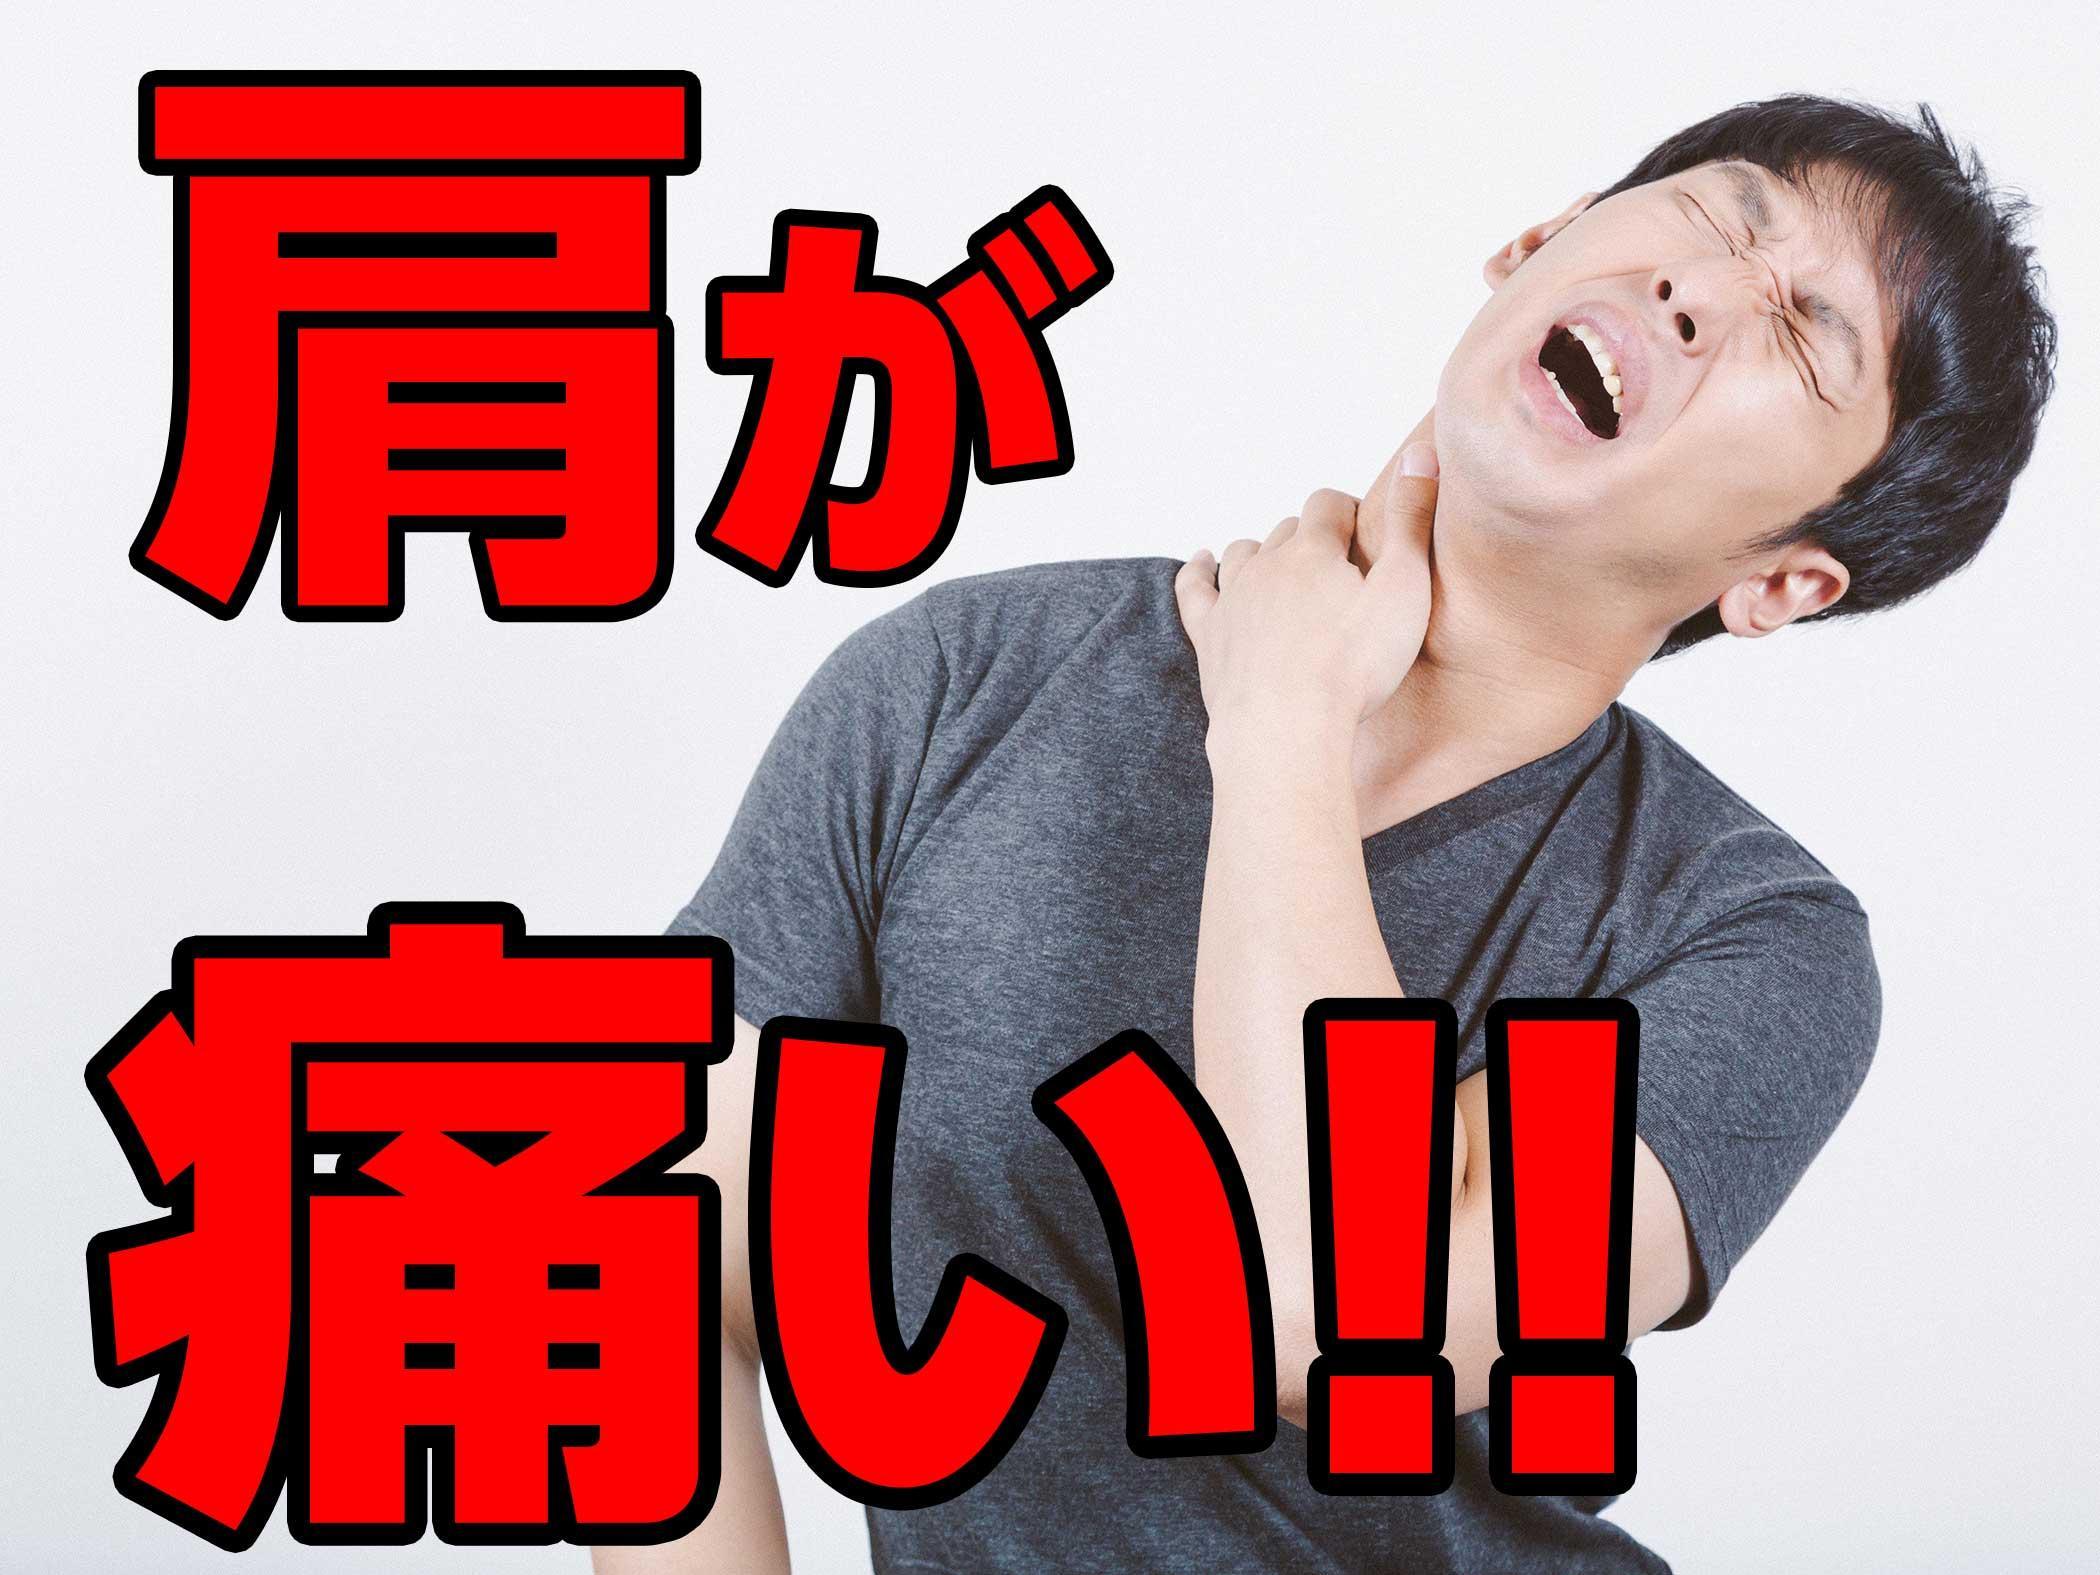 つらい肩こりに効くマッサージとつぼ押し術|町田deマッサージ!